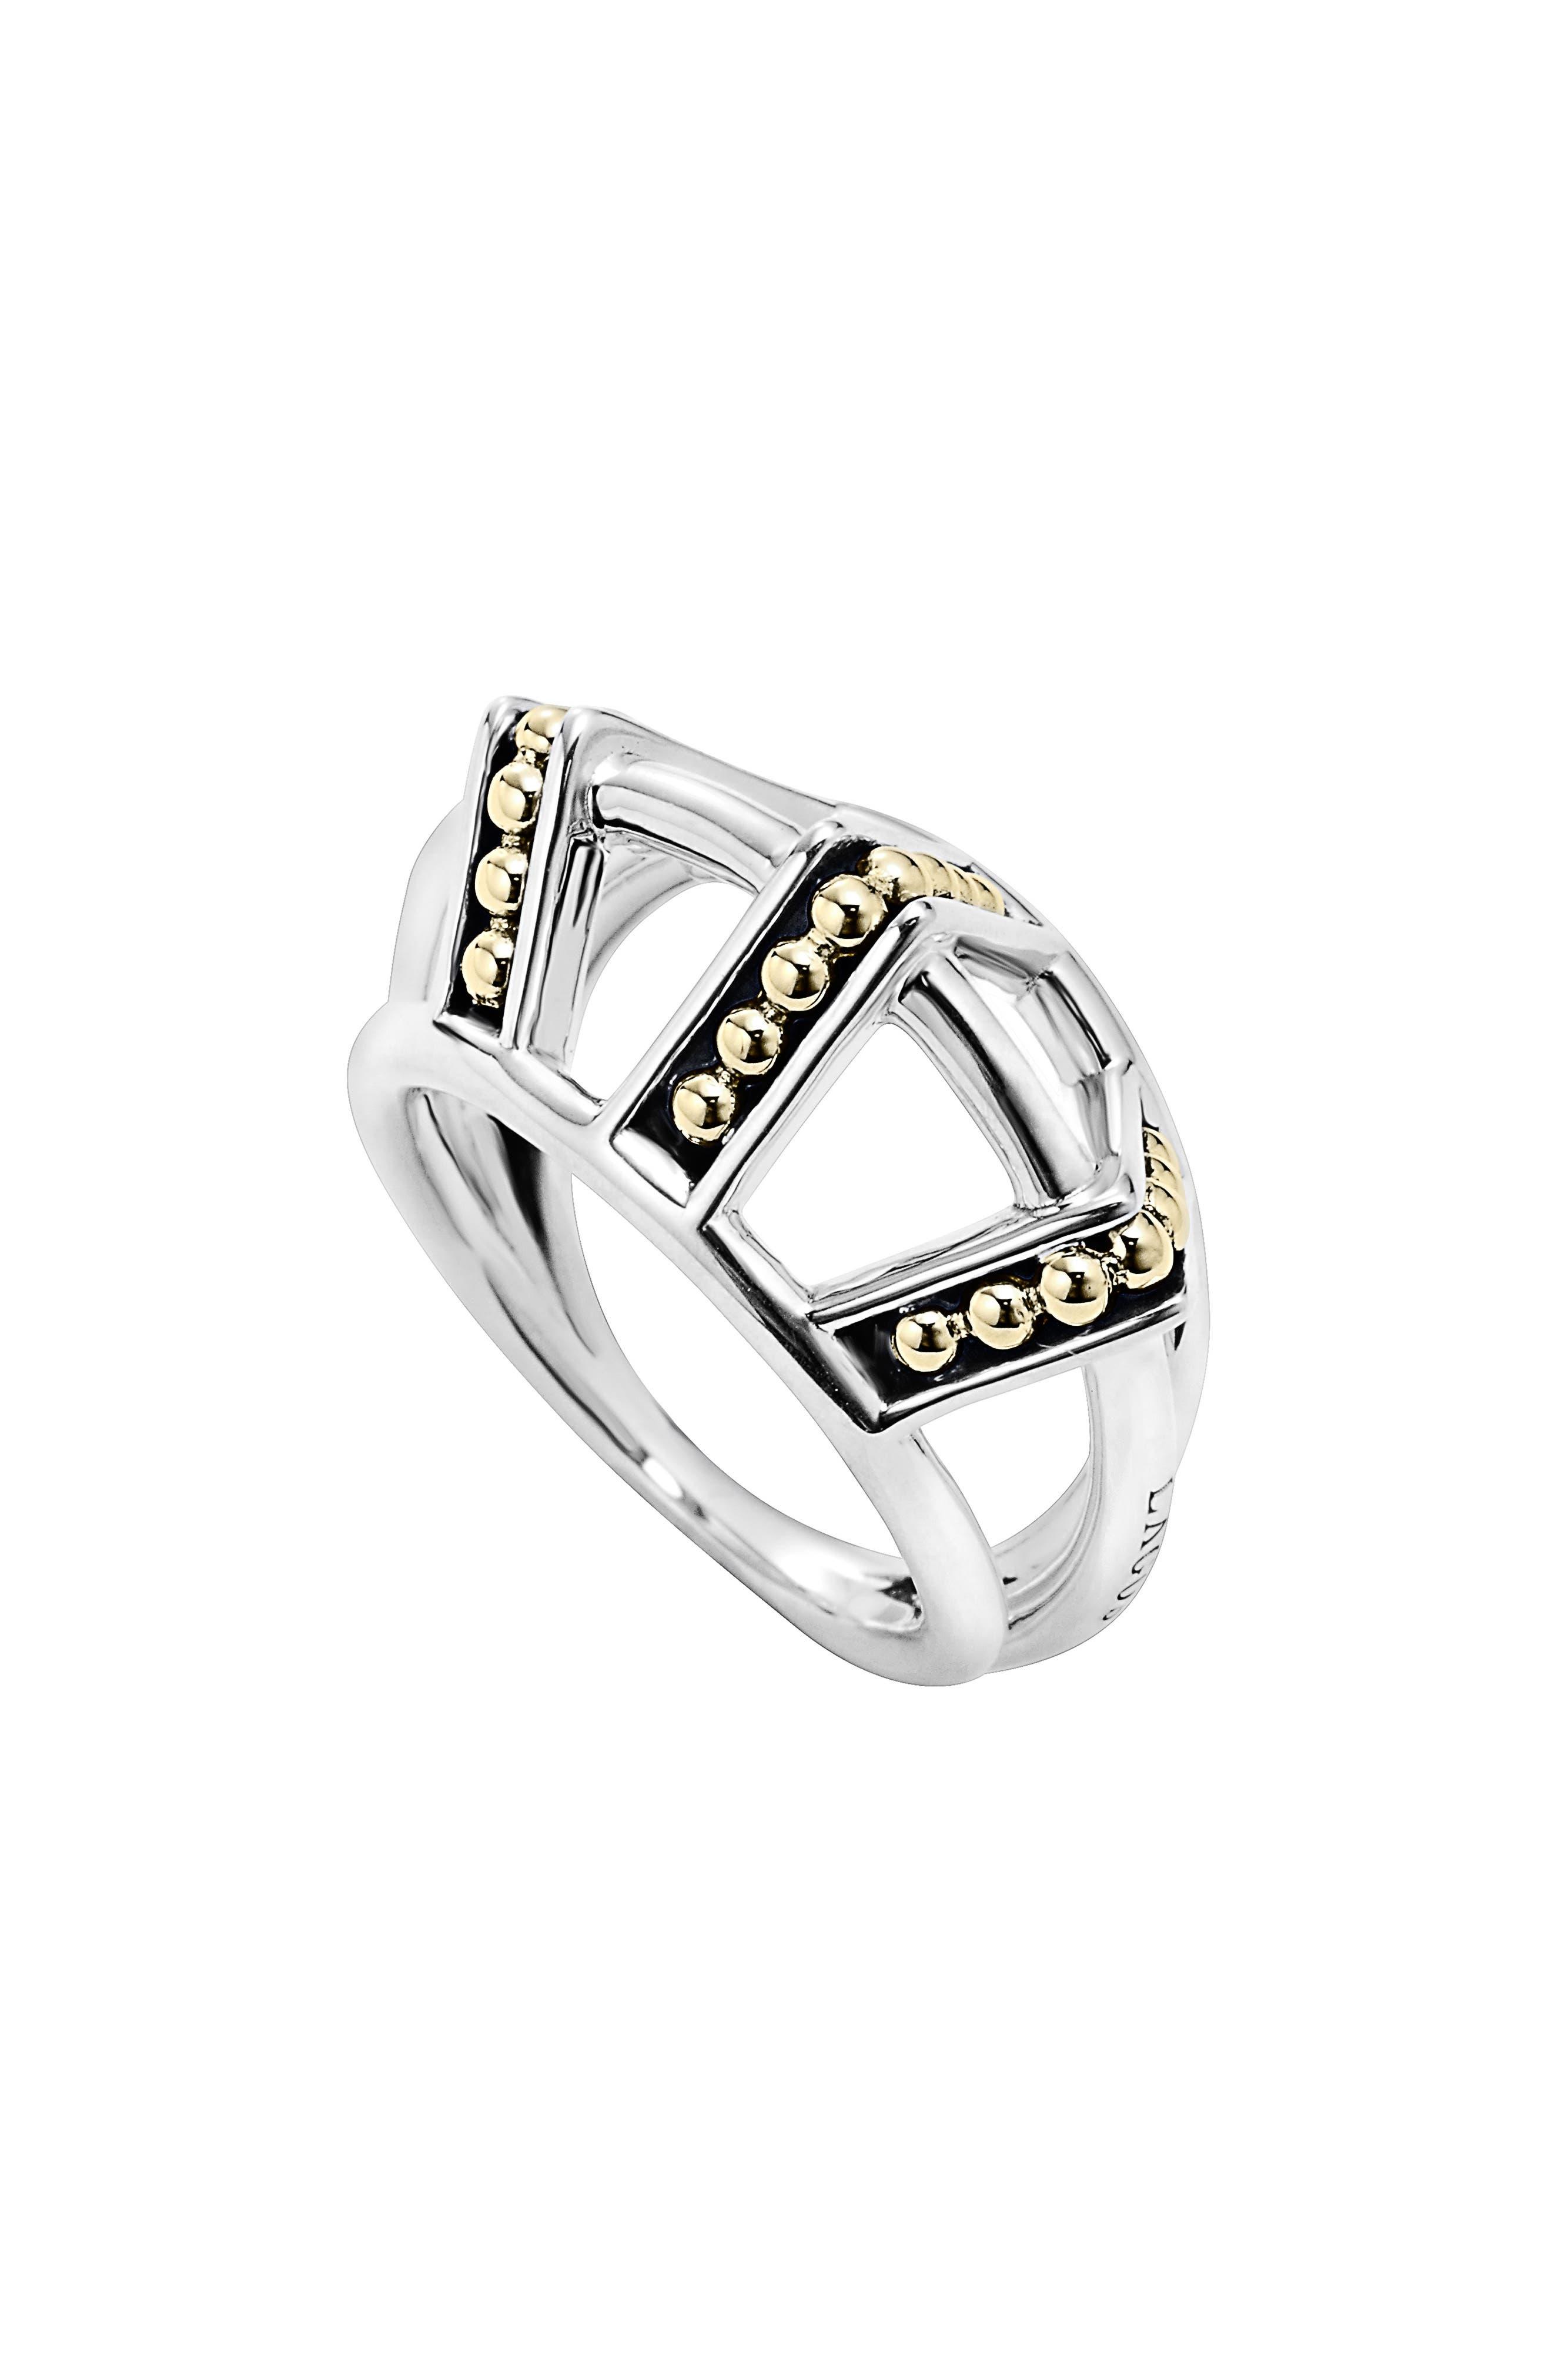 'KSL' Pyramid Ring,                         Main,                         color, Silver/ Gold